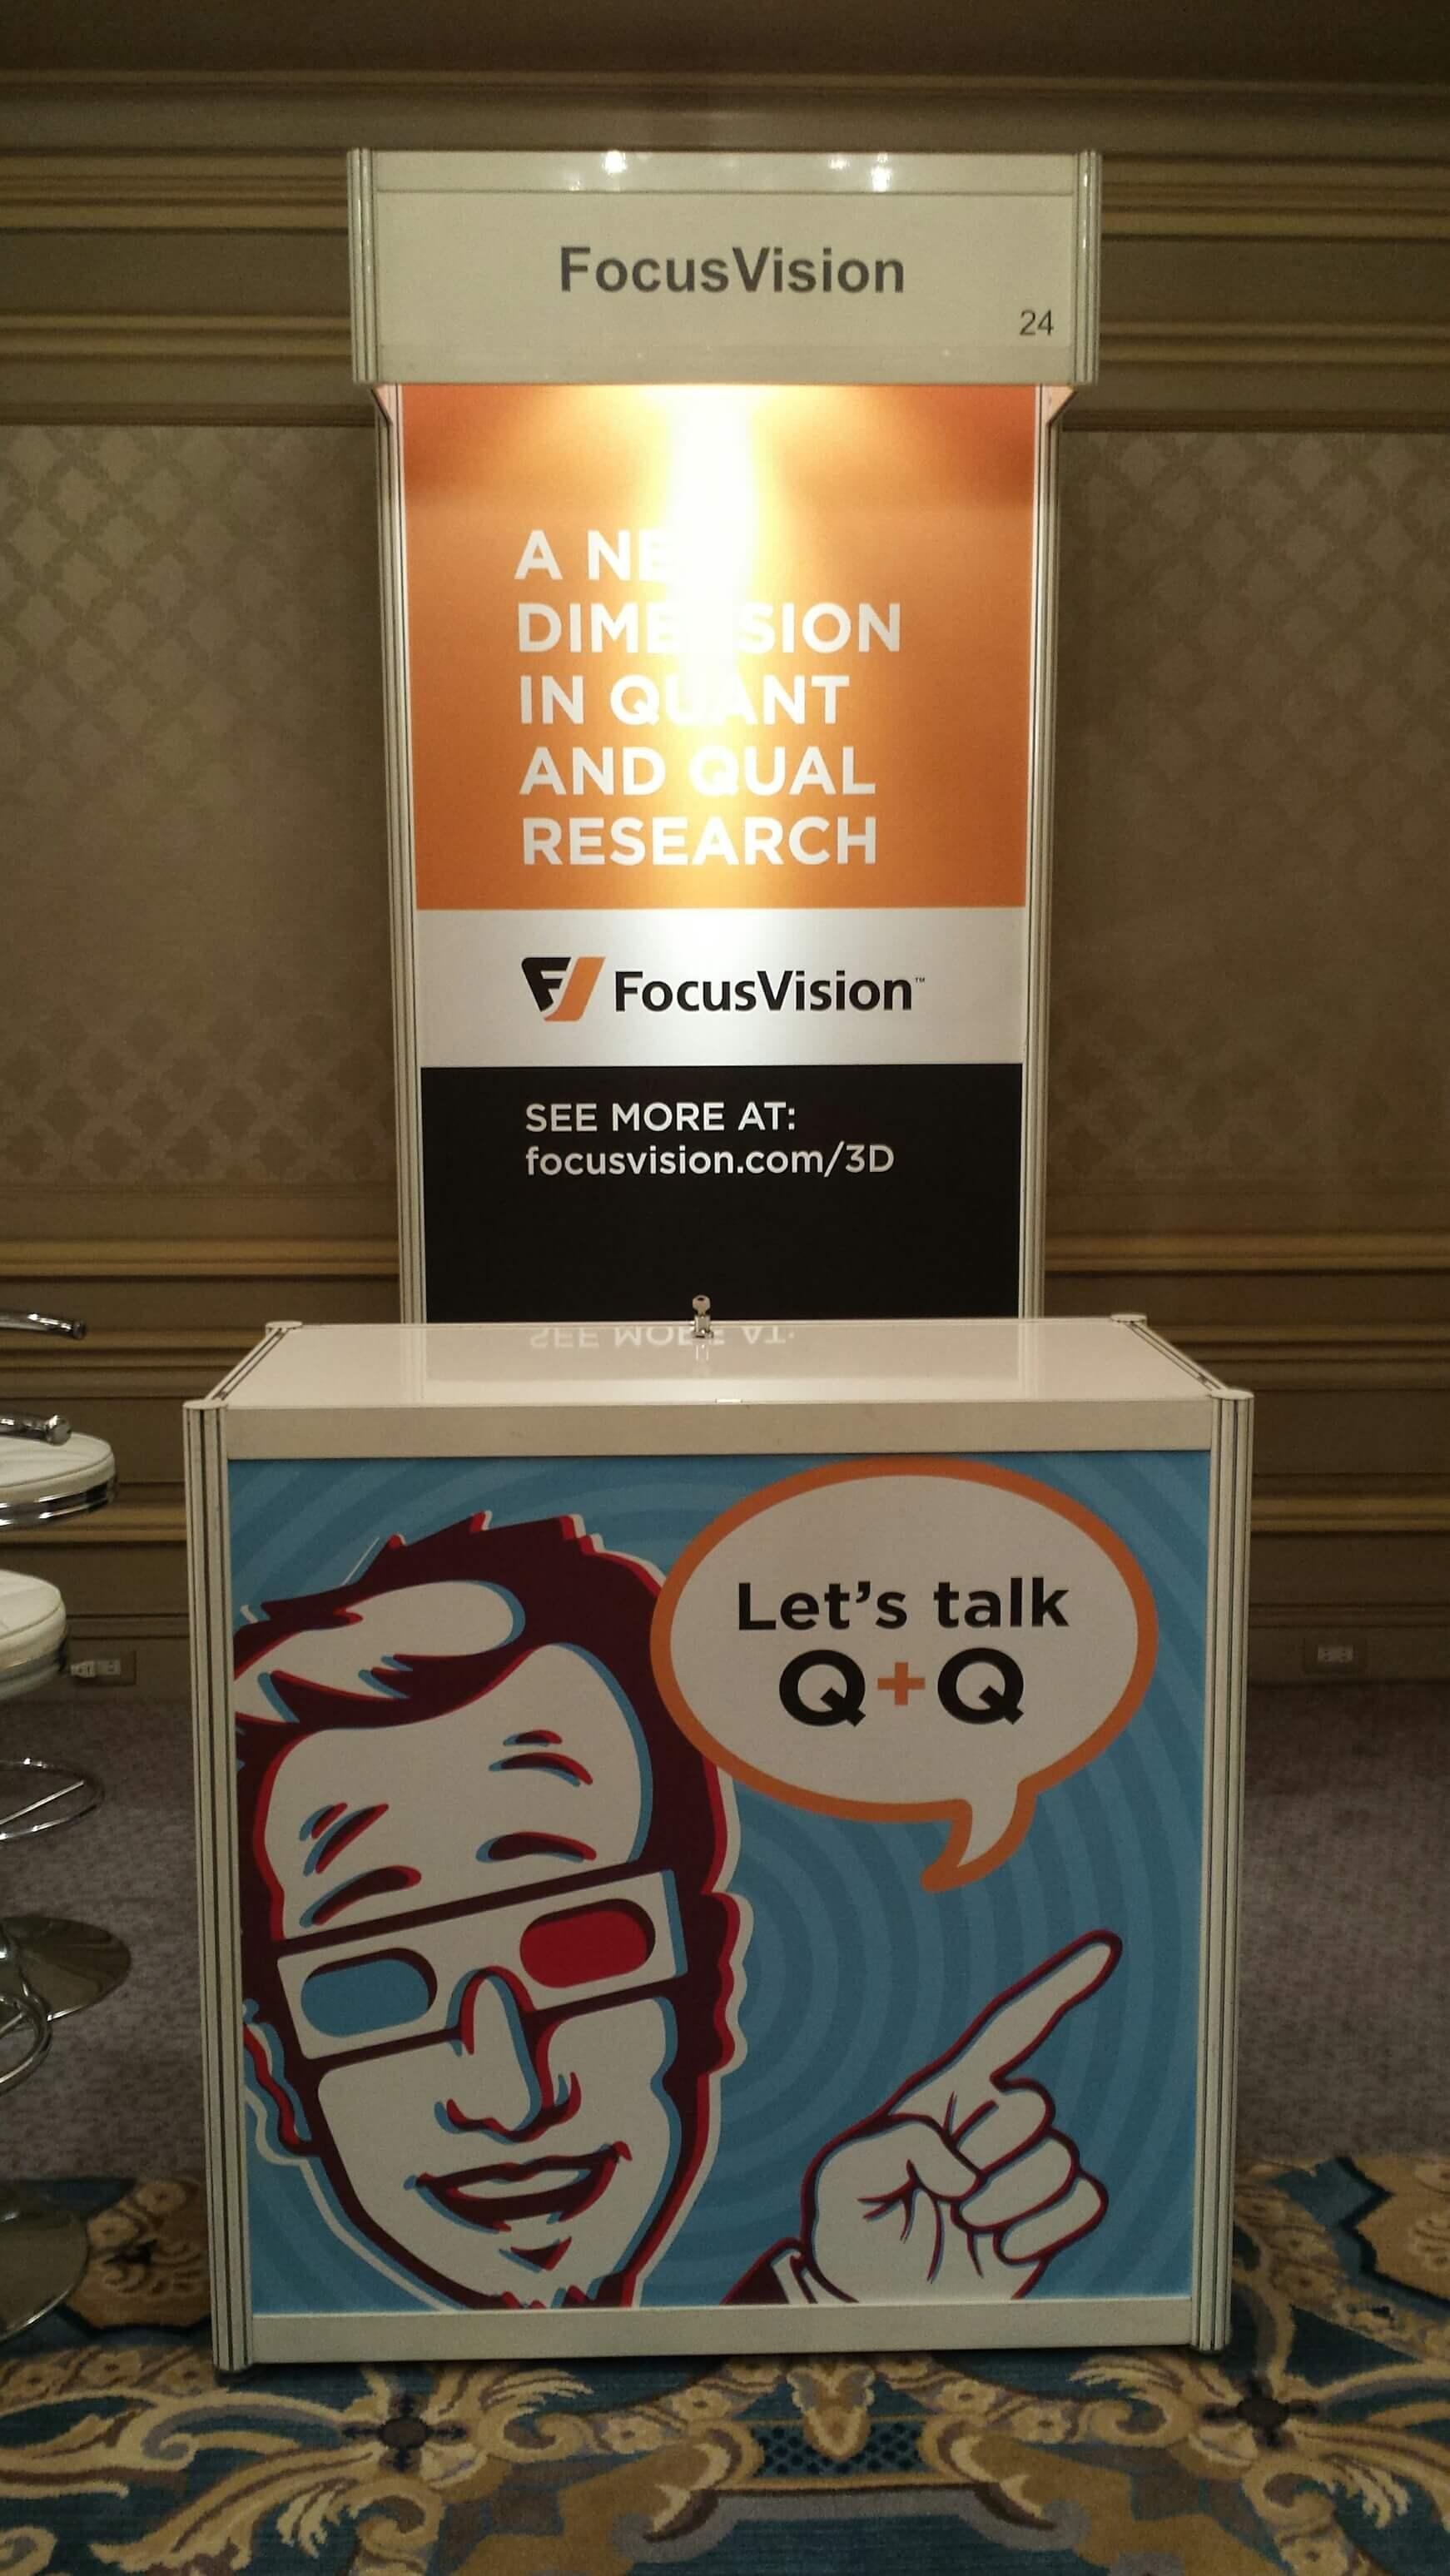 FocusVision Booth Exhibit at ESOMAR APAC 2016